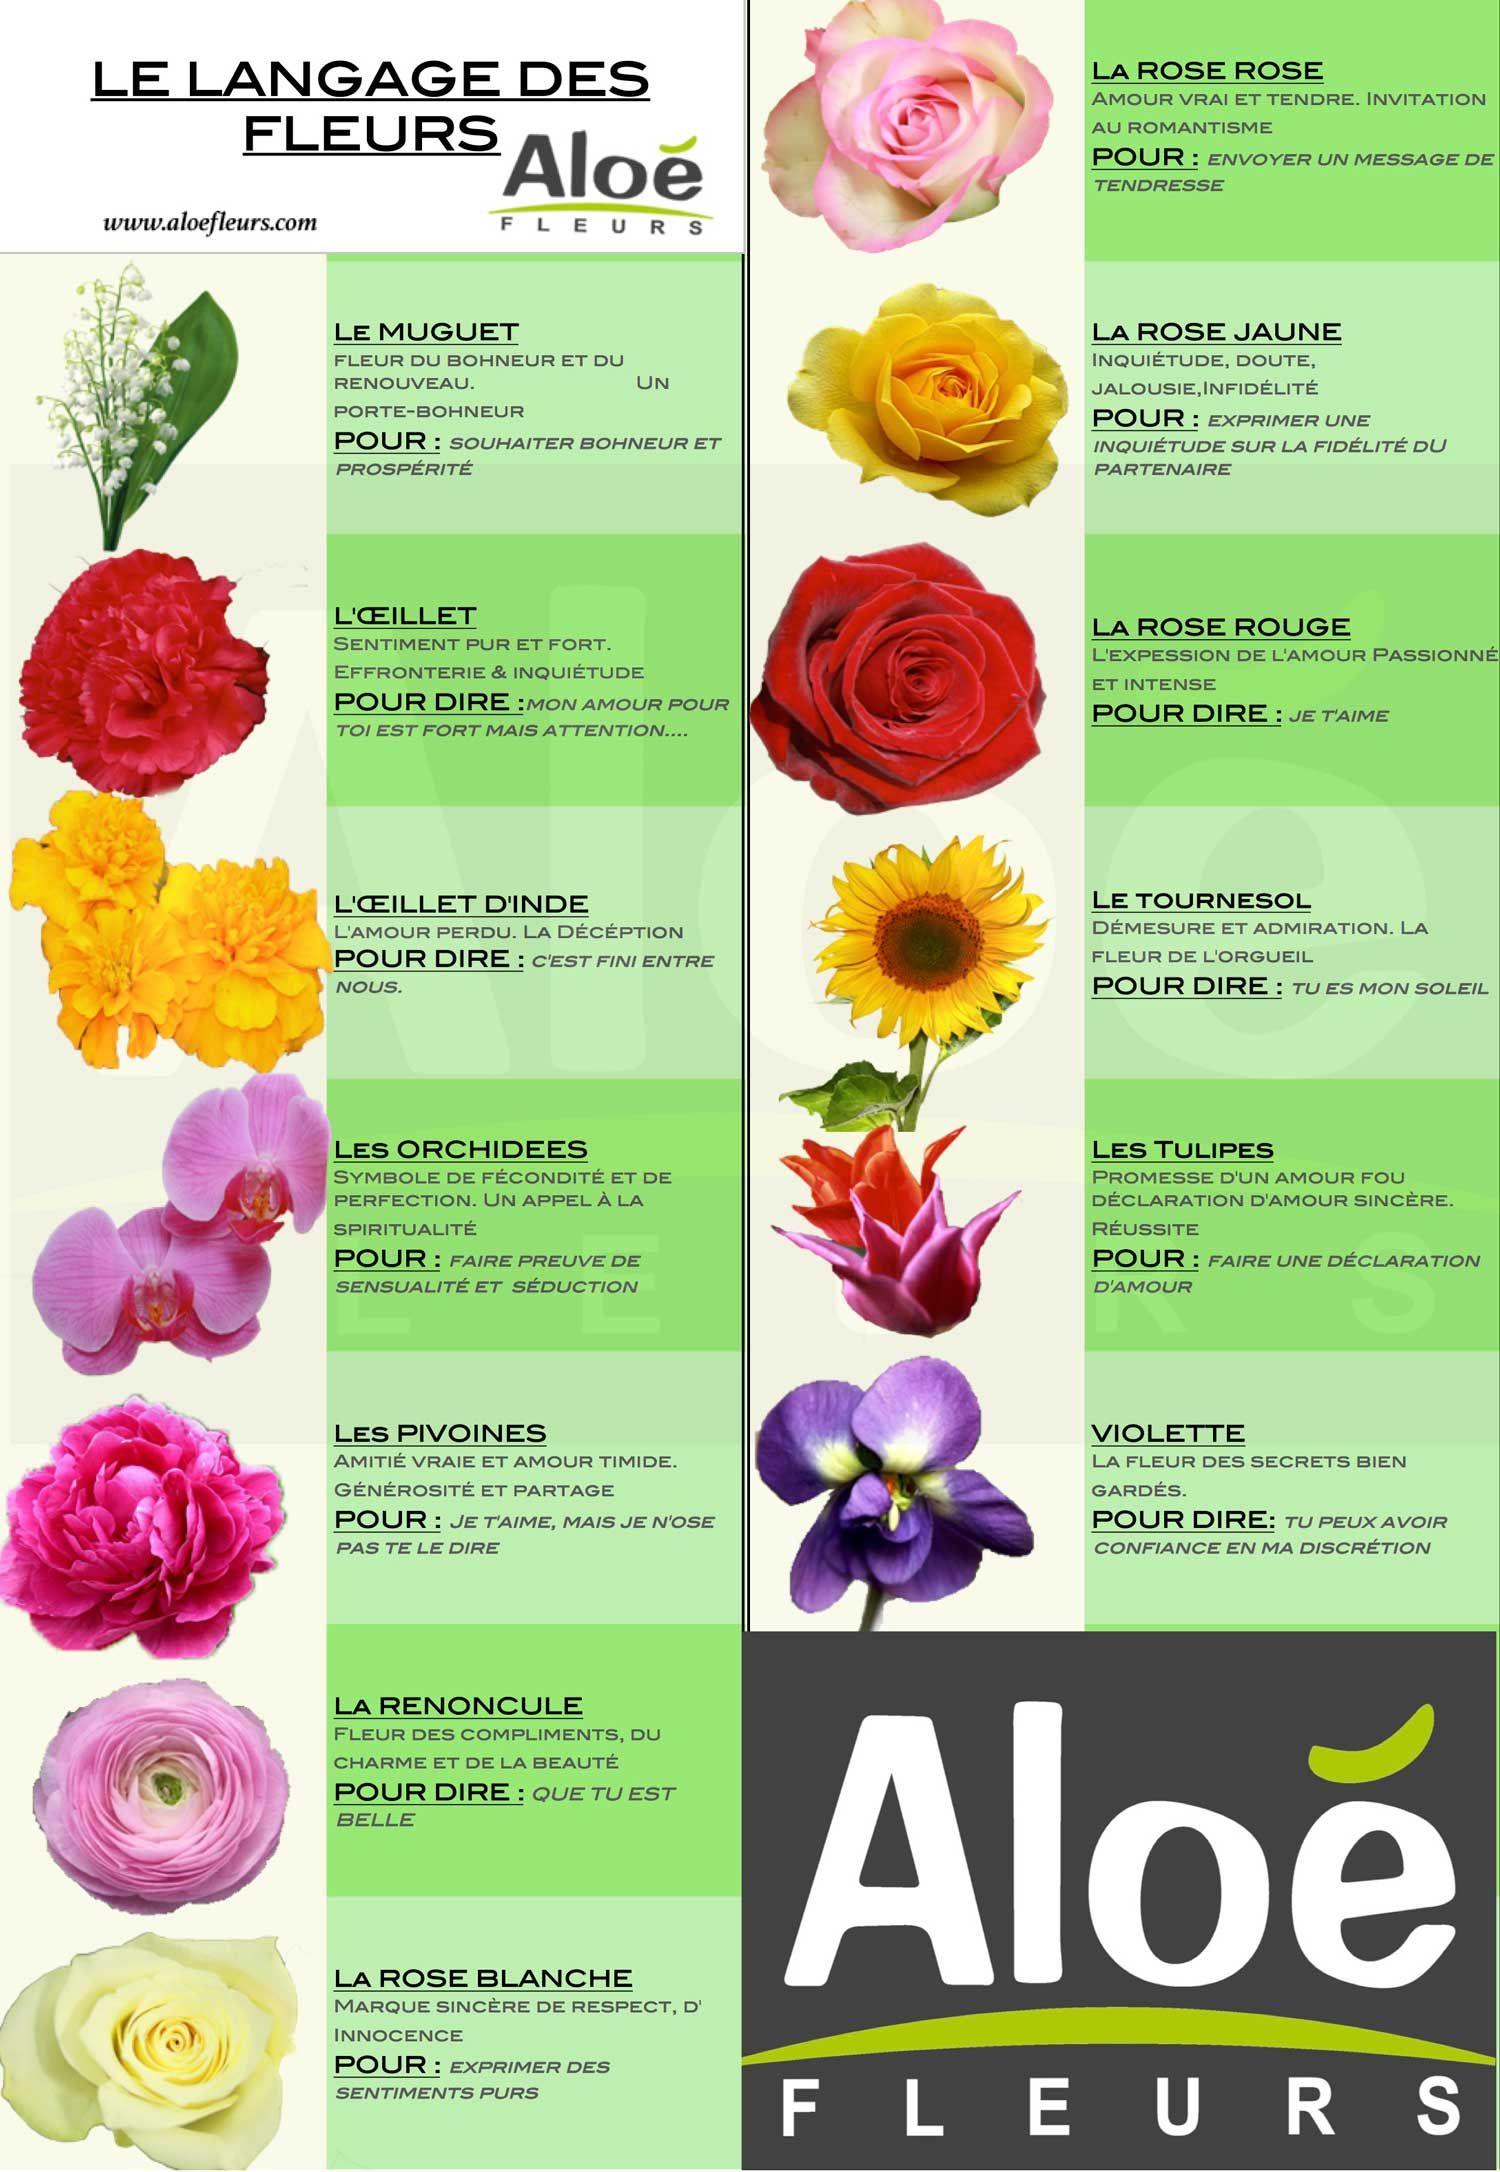 d couvrez le langage des fleurs en france fleurs pinterest. Black Bedroom Furniture Sets. Home Design Ideas